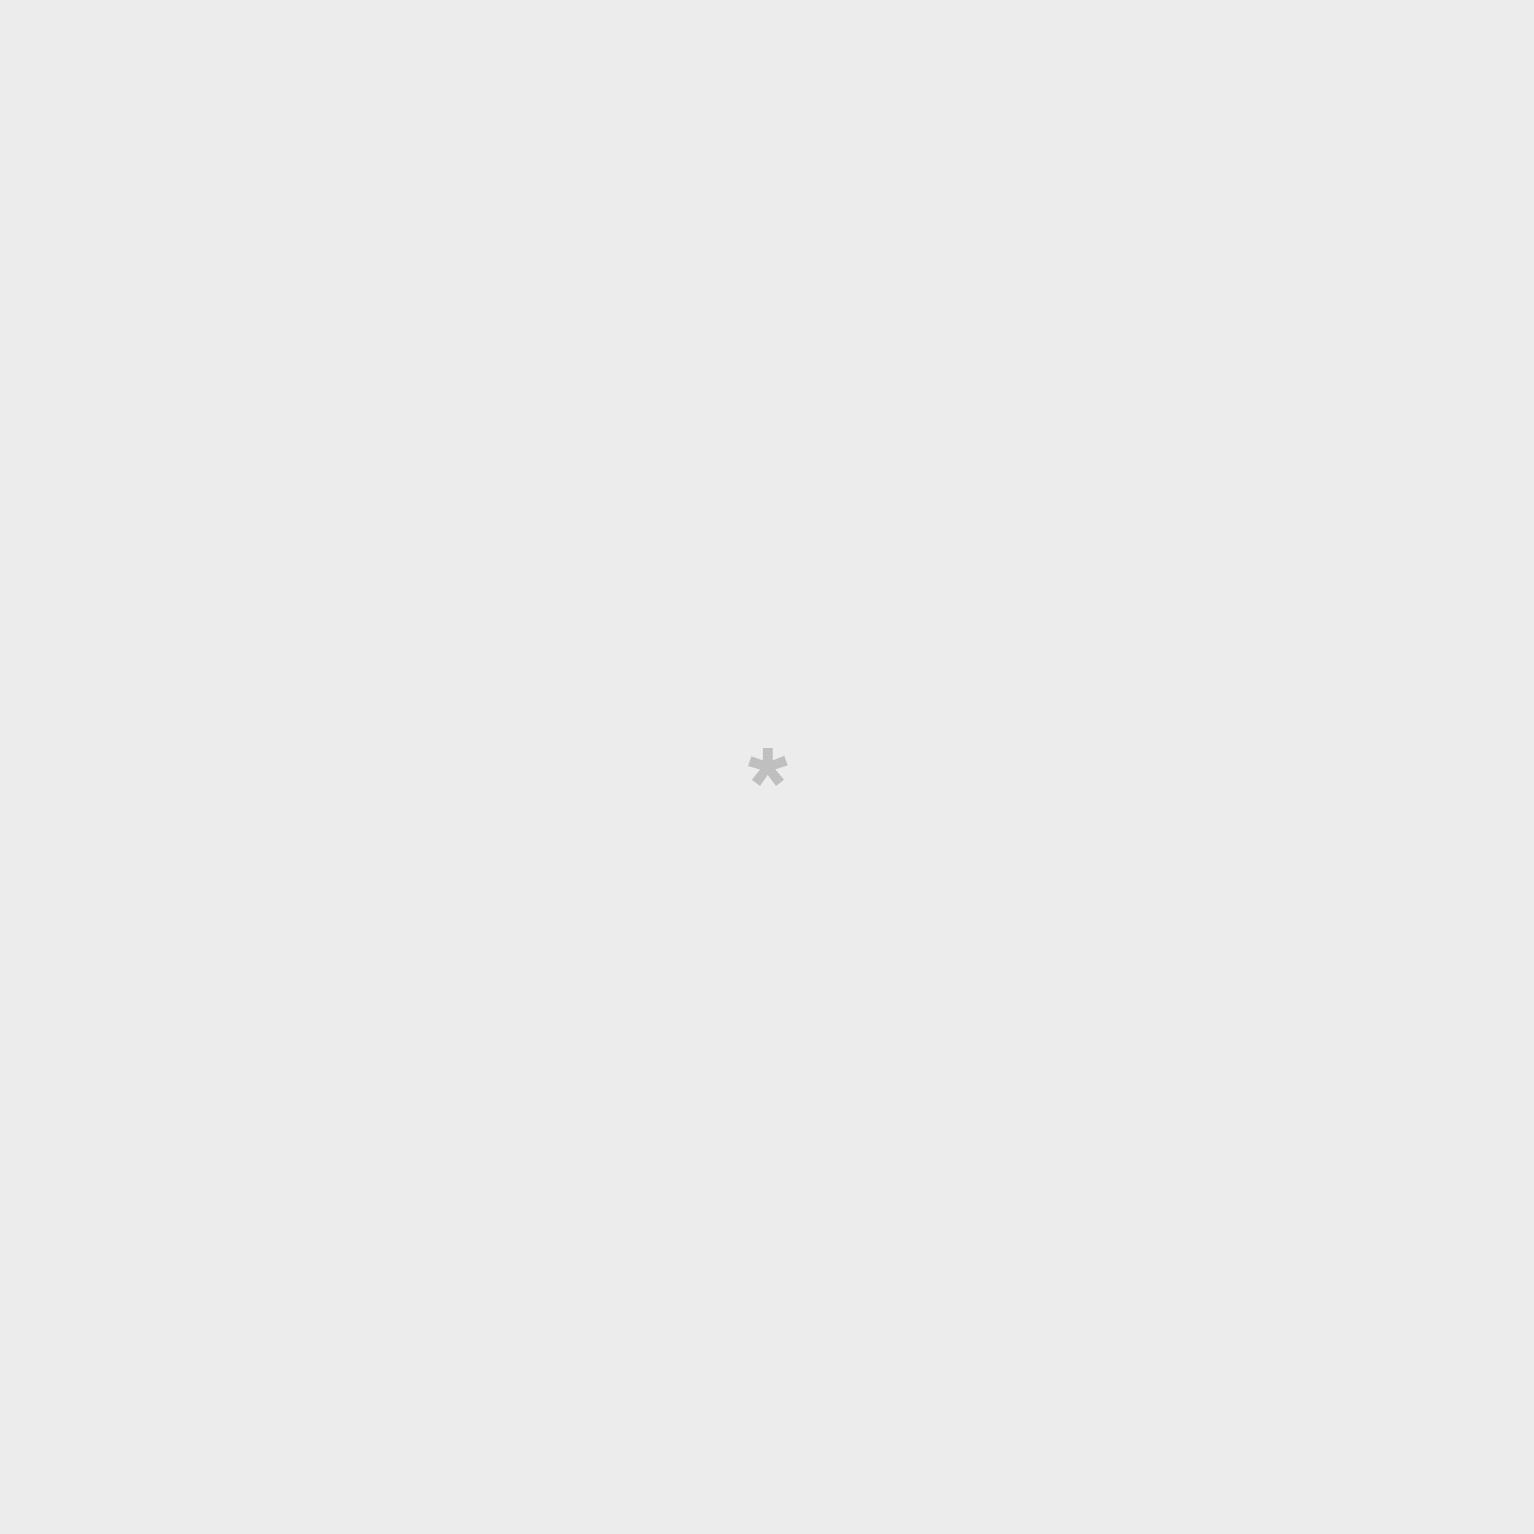 Rollo de papel pintado wonder - Buenos días y buenas noches (Color Azul)